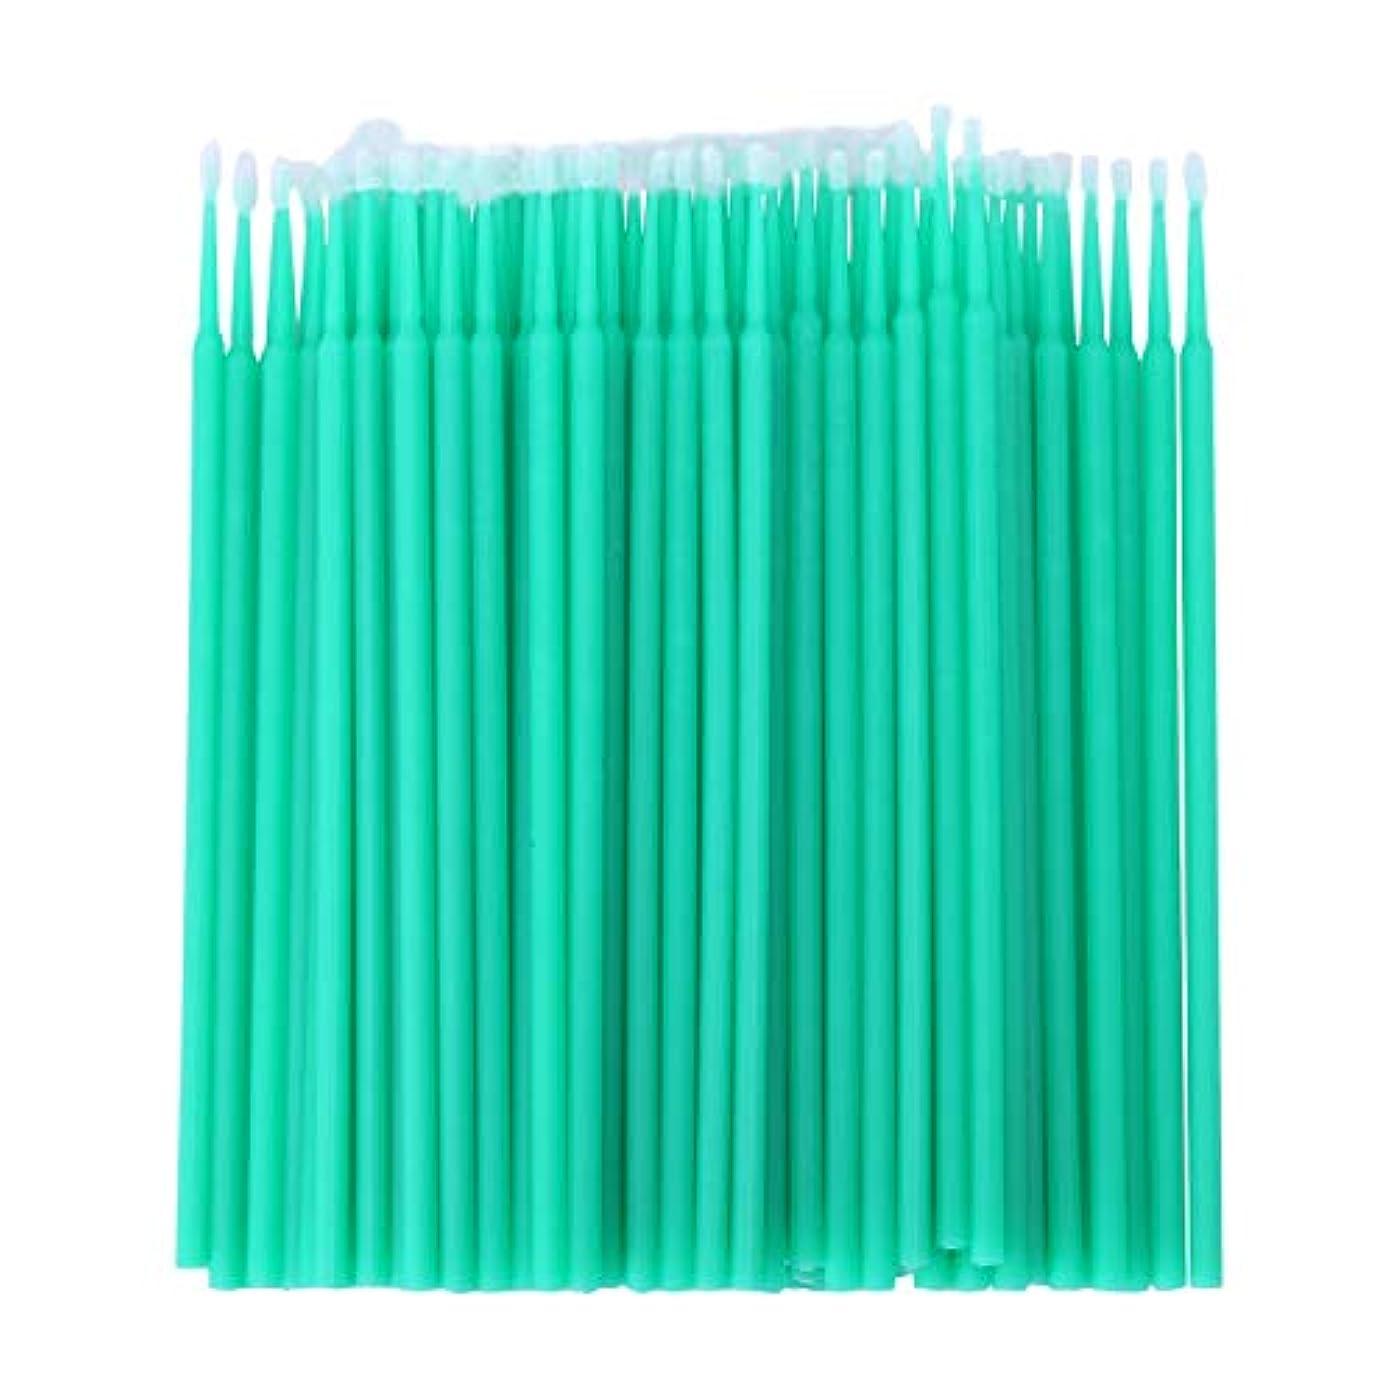 櫛想定する合金TOOGOO 100個 歯科用マイクロブラシ 使い捨て材料 歯用アプリケーター ミディアムファイン(ライトグリーン)